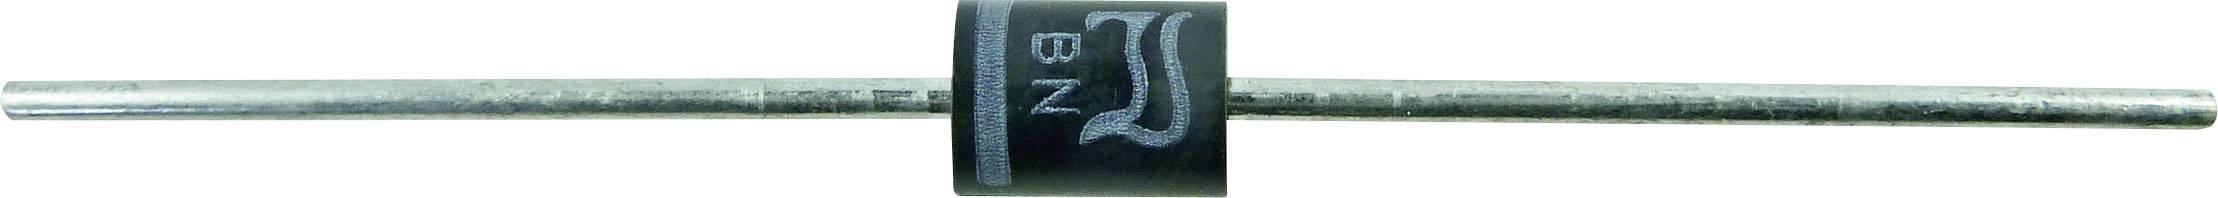 Kremíková usmerňovacia dióda Diotec BY550-100 BY550-100 5 A, 100 V